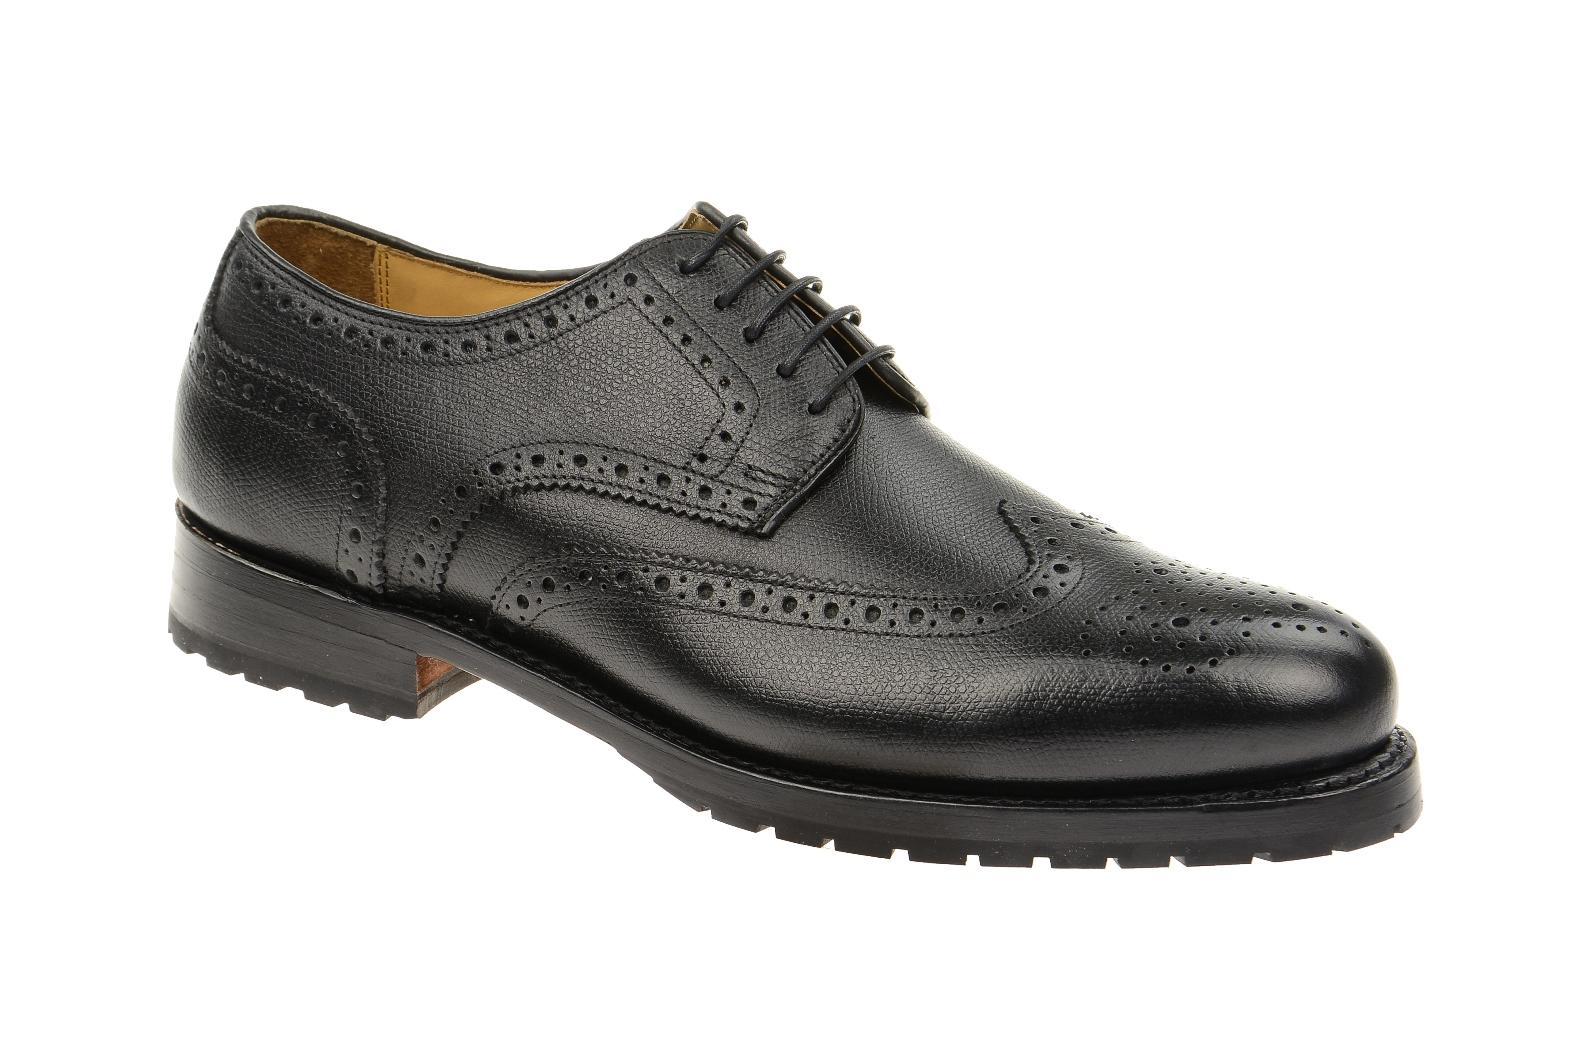 Gordon & Bros. Schuhe Levet 2318 alpine schwarz Gummisohle :: Schwarz - 40 - Männlich - Erwachsene